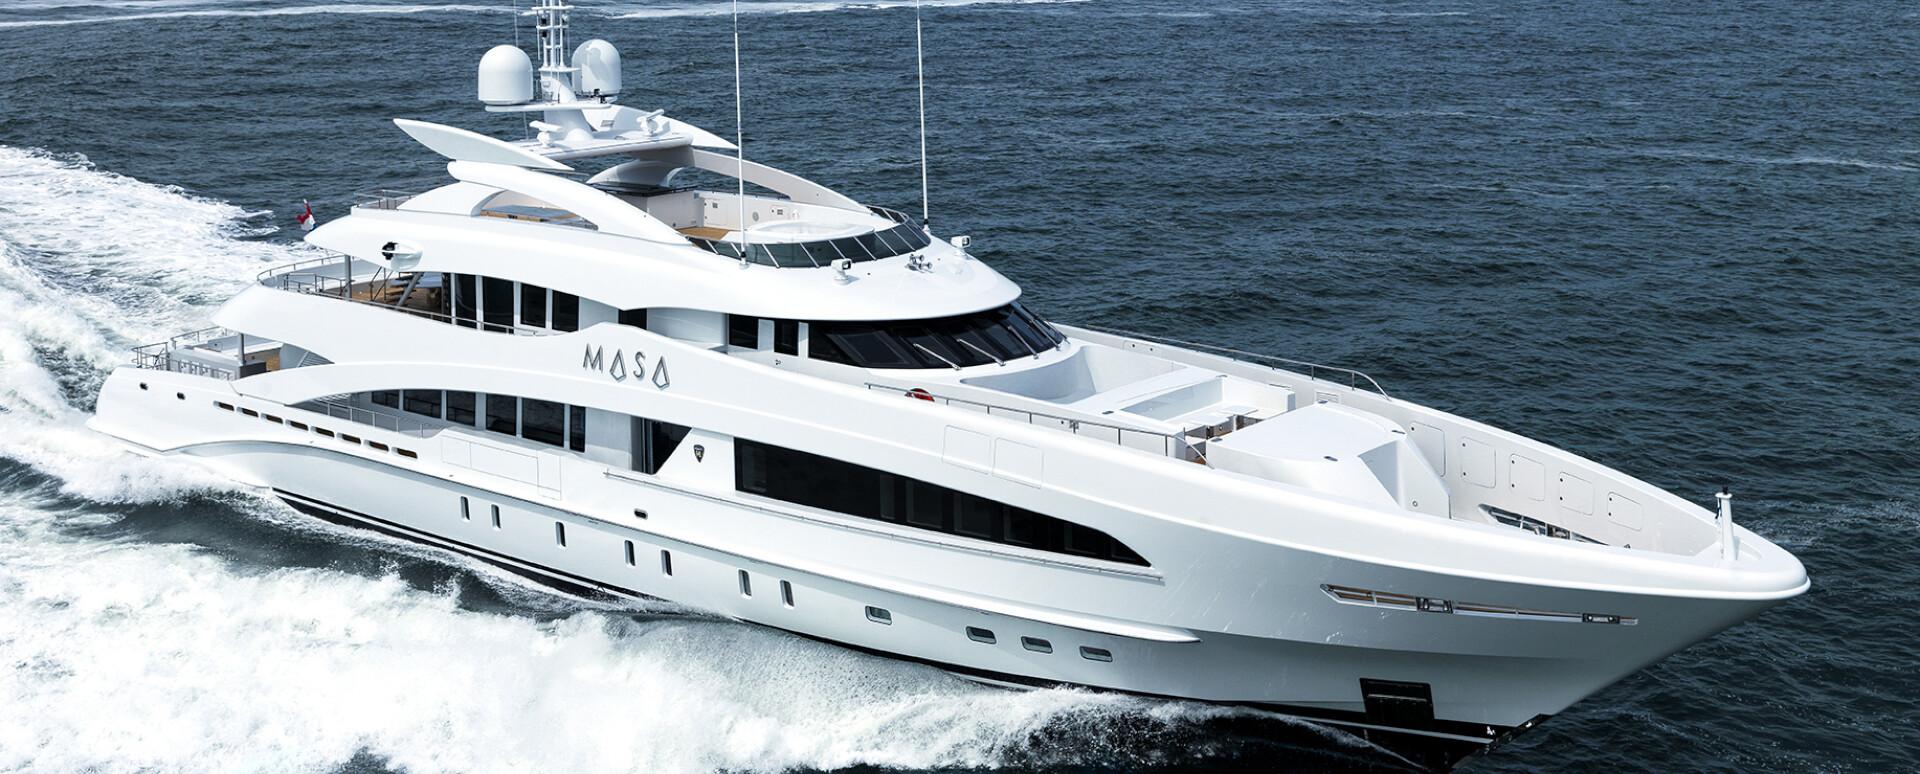 Heesen delivers 50-metre Masa